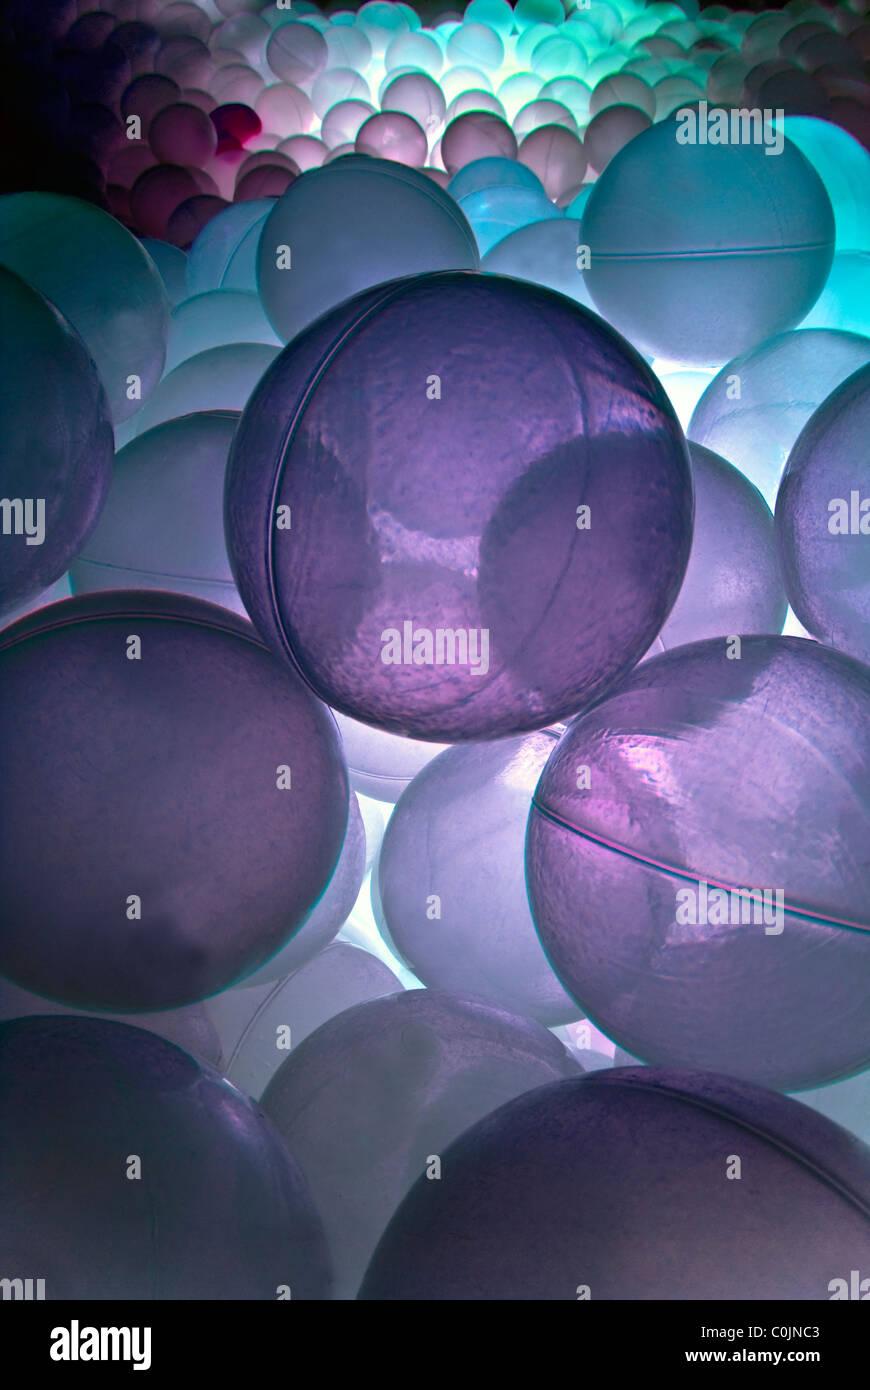 Piscina di palline con luce viola nella luminosa sala sensoriale. Foto Stock